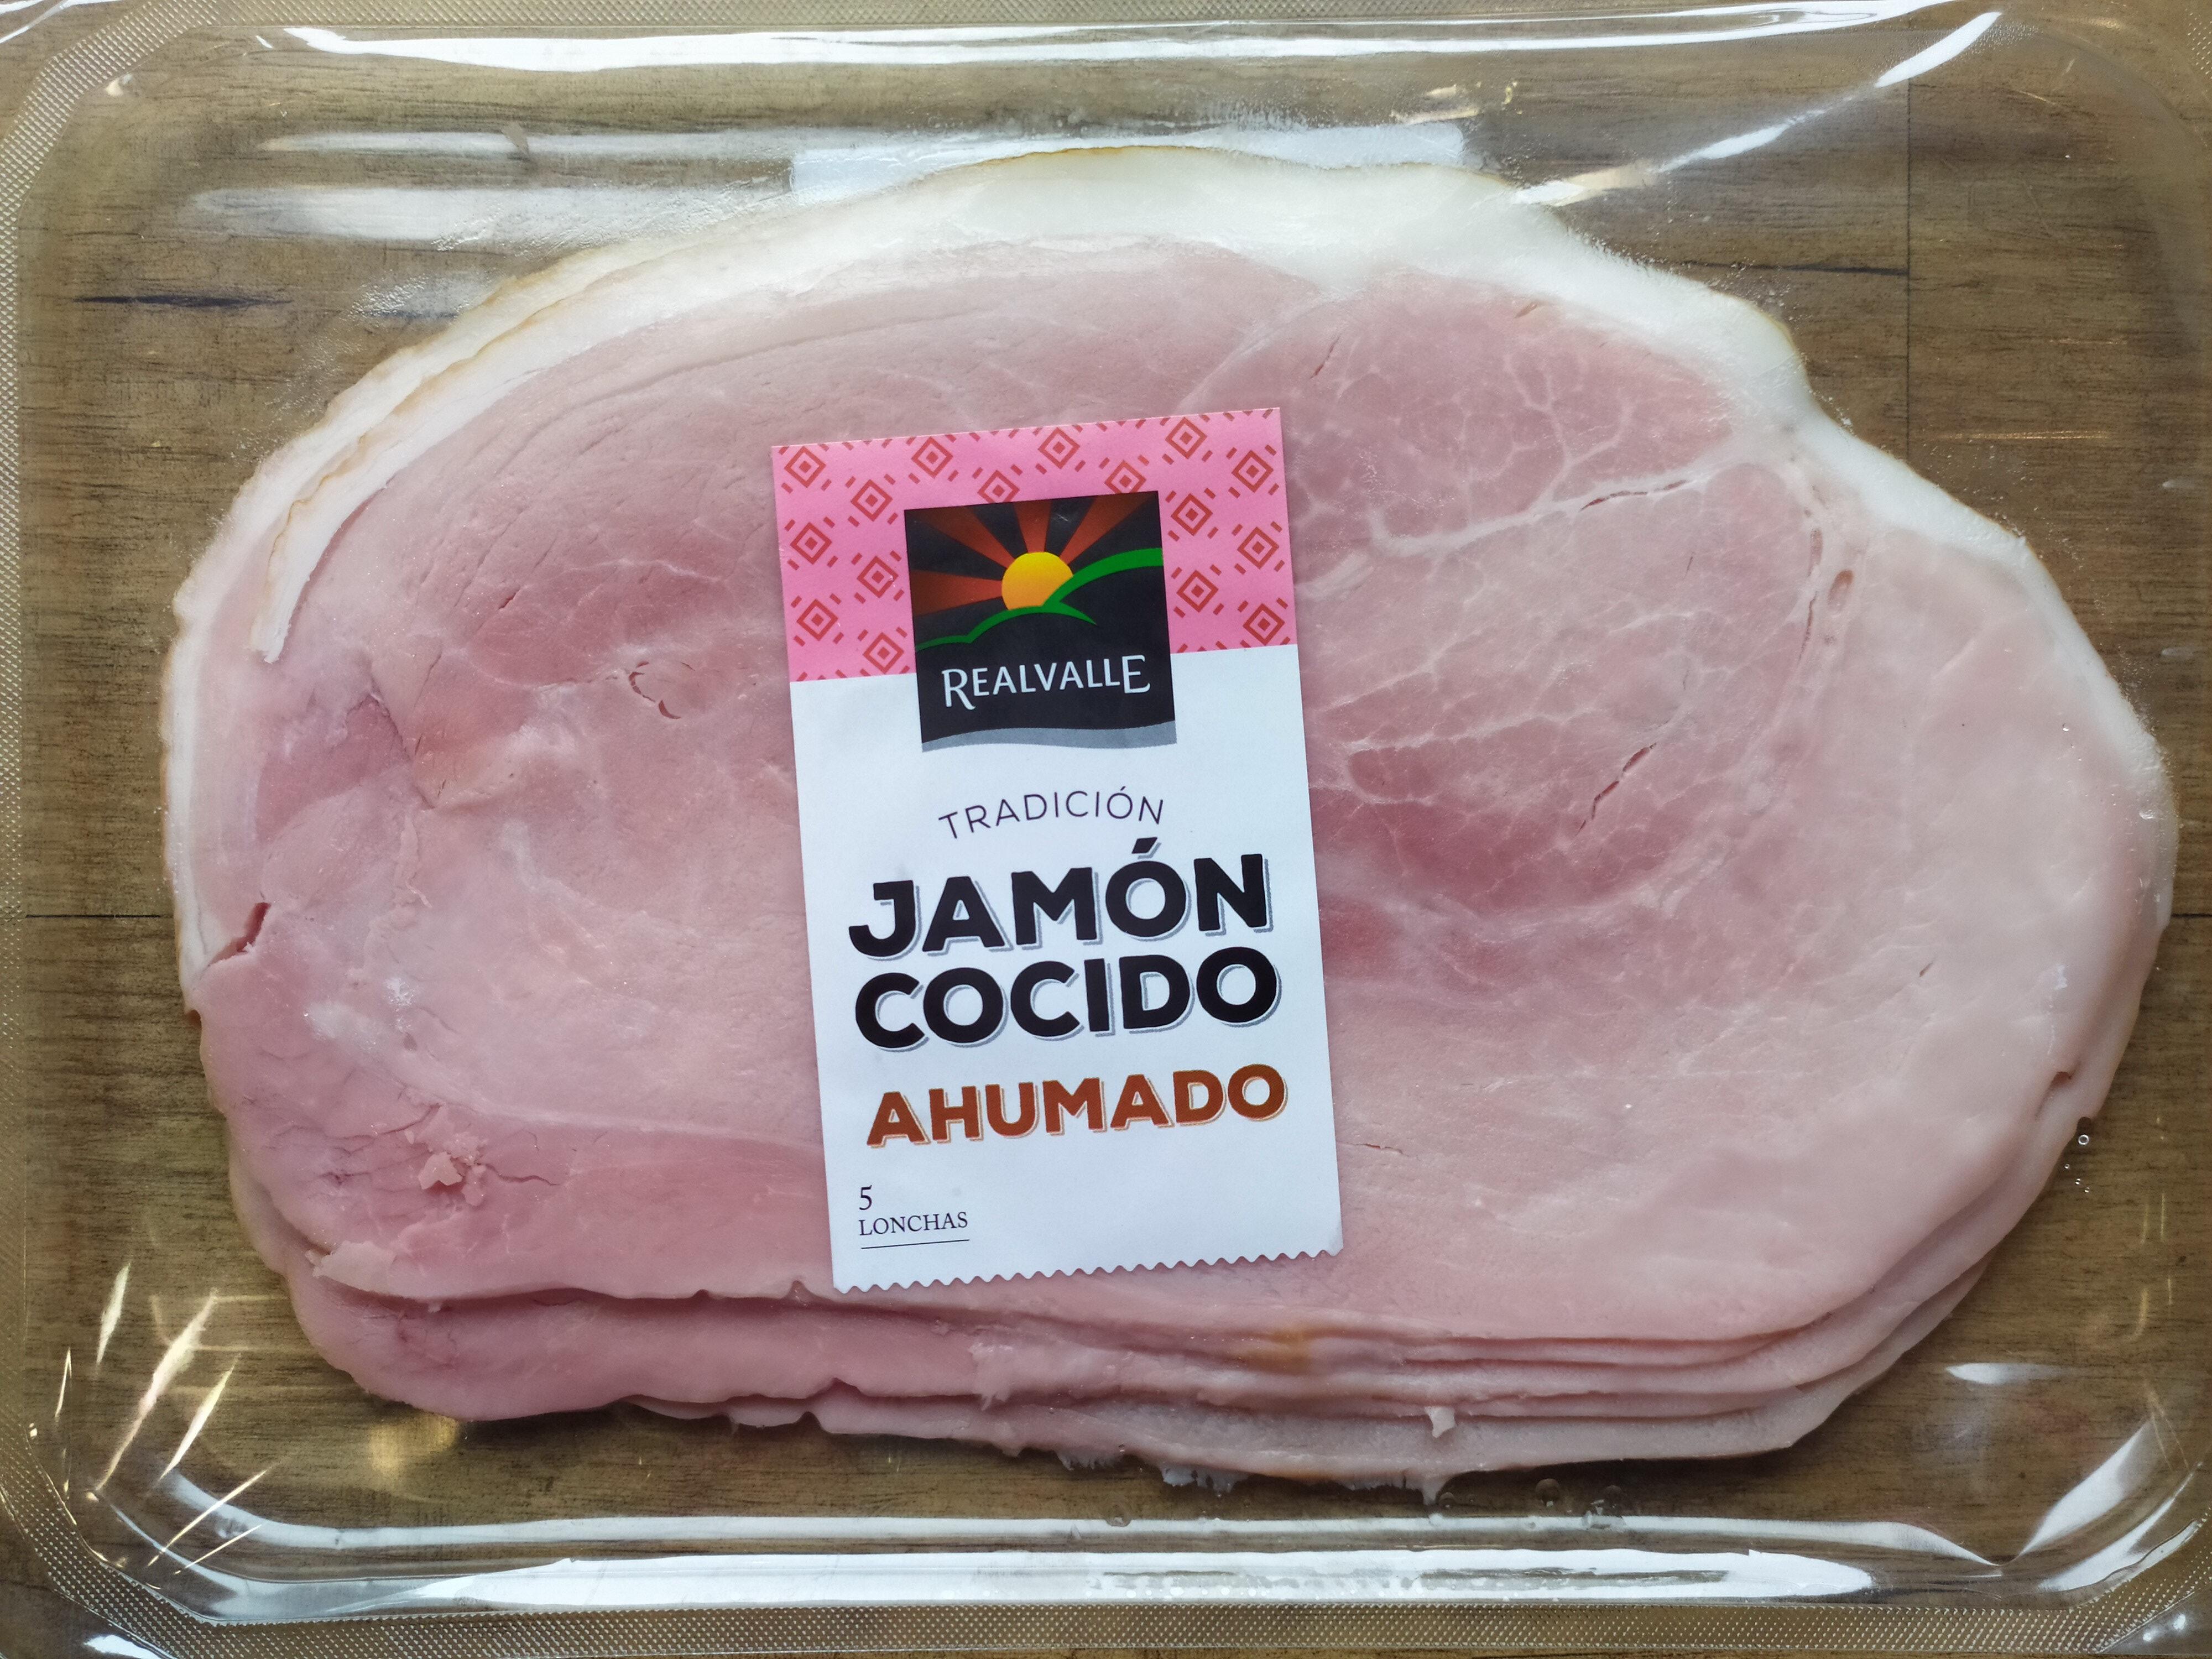 Jamón cocido ahumado - Producte - es